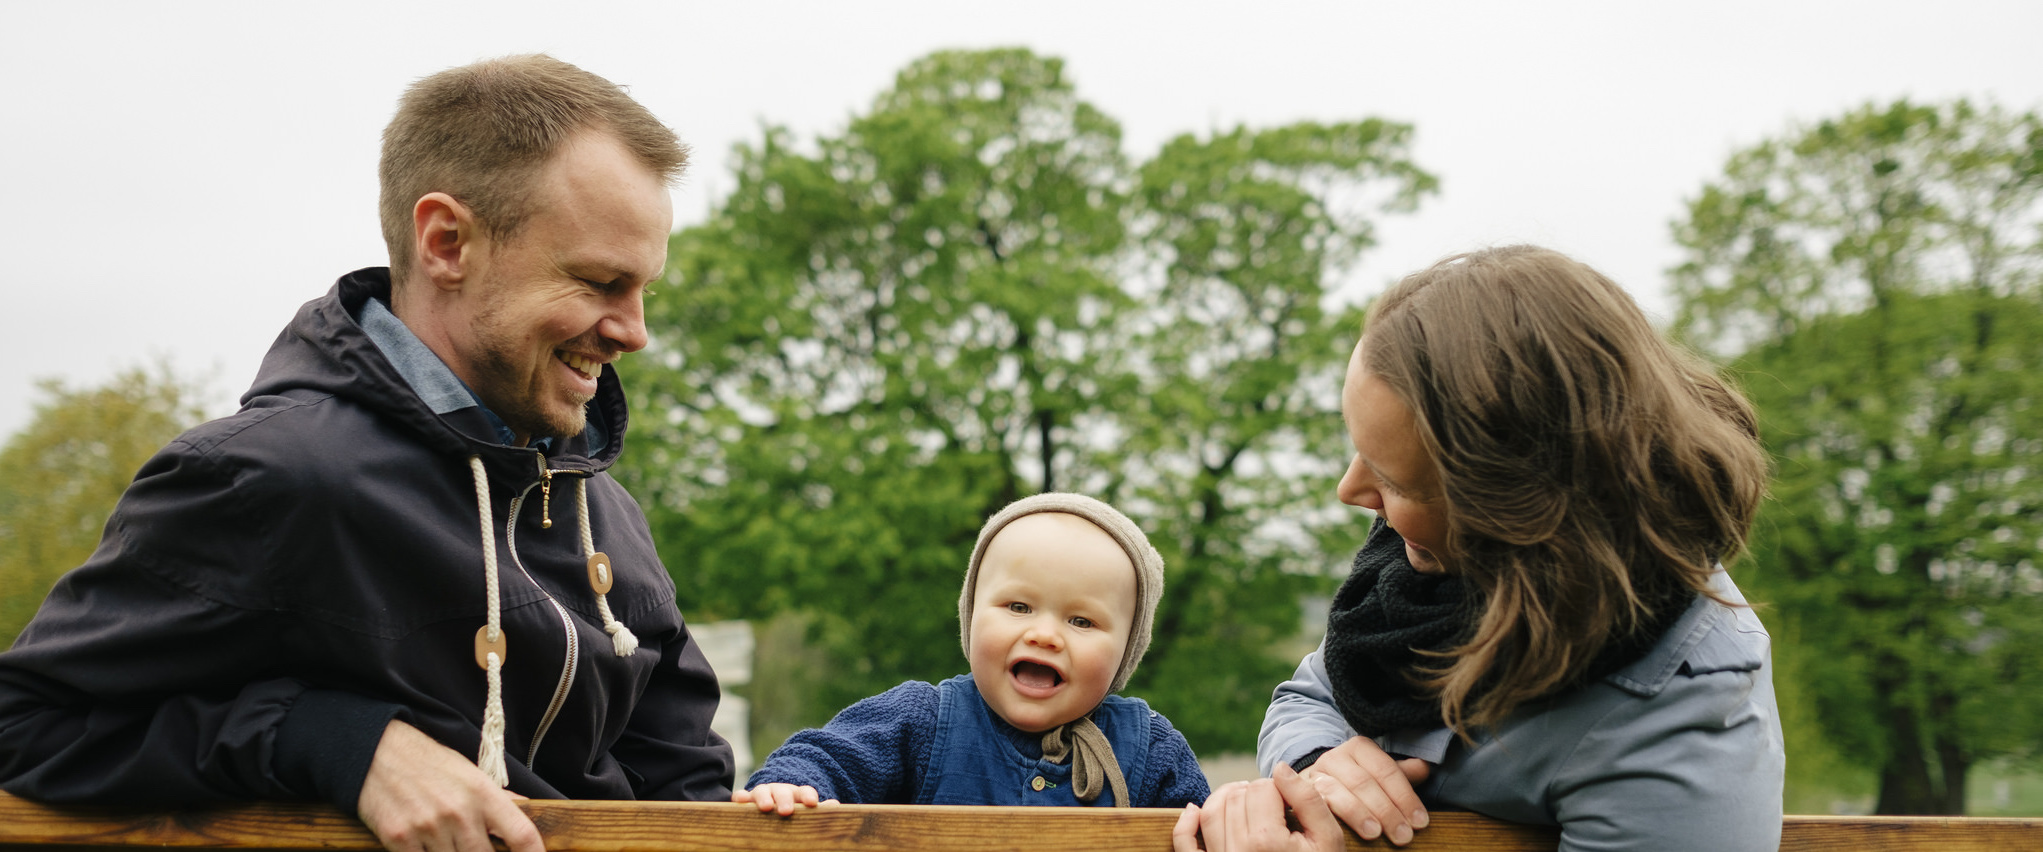 Foreldre med en kjempesmilende baby. Foto